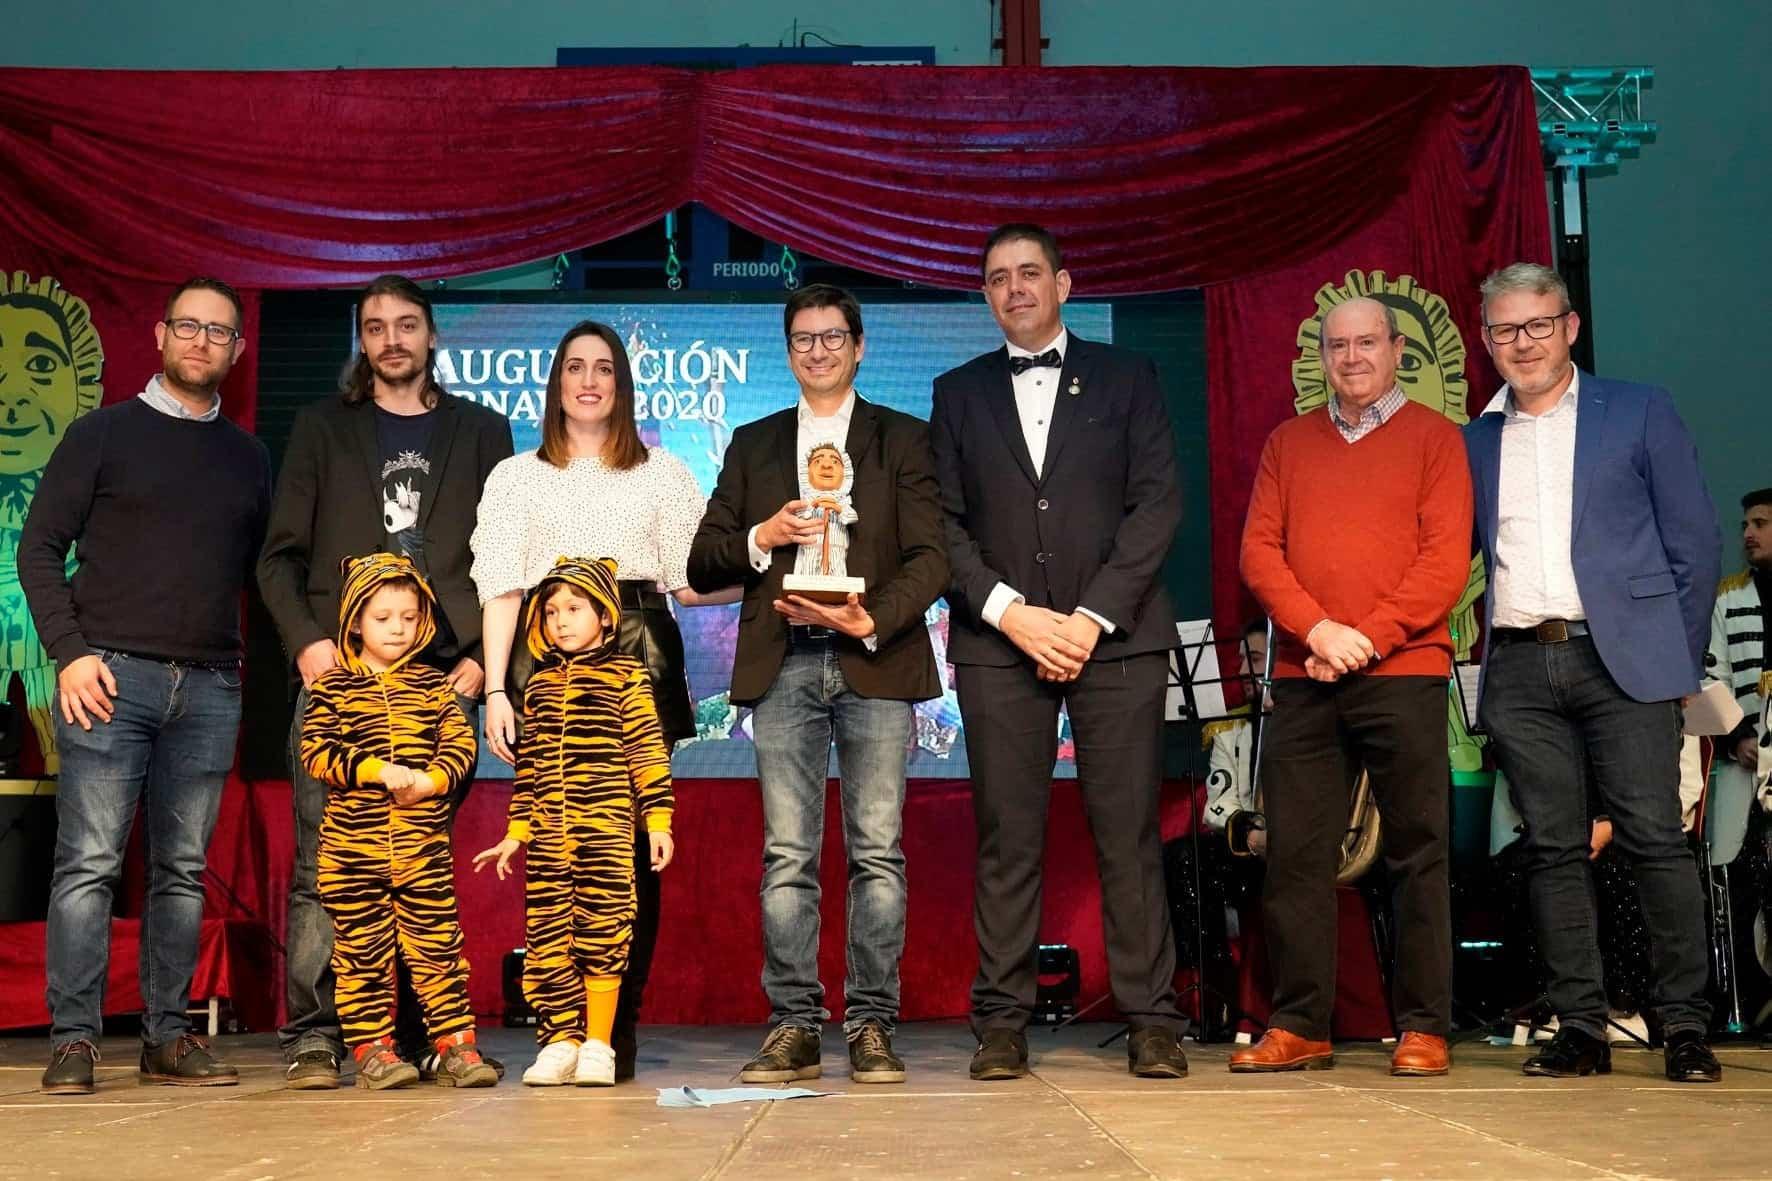 inauguracion carnaval 2020 herencia 11 - Inauguración del Carnaval de Herencia 2020